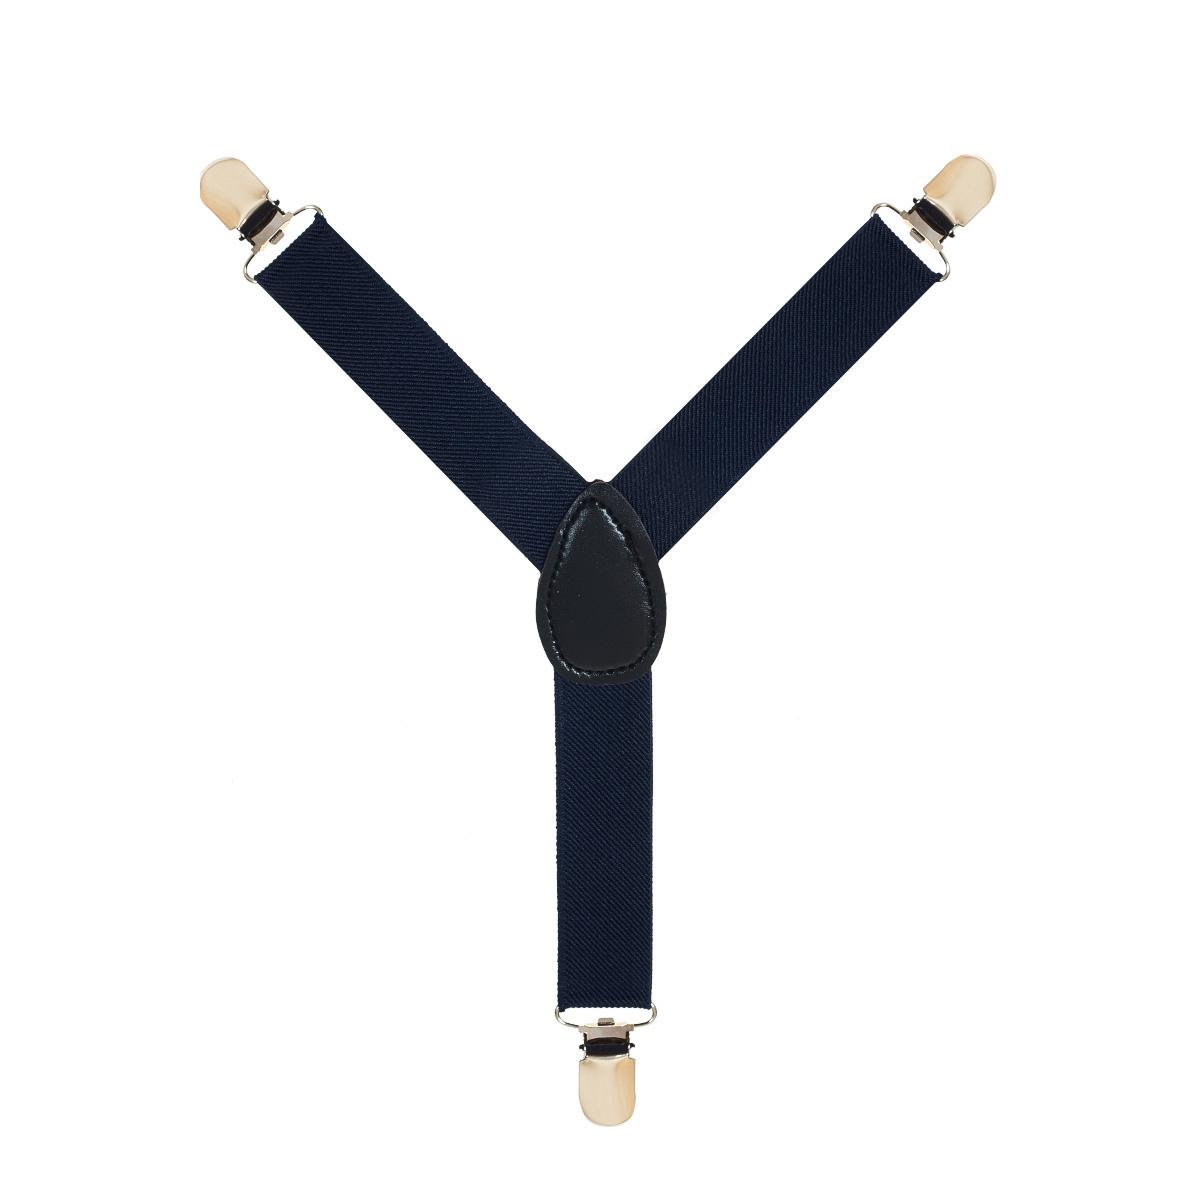 Подтяжки907188-29Подтяжки для мальчика Huanggang Jiazhi Textile выполнены из полиэстера. Изделие можно регулировать по длине. Подтяжки прикрепляются к поясу брюк при помощи трех прочных зажимов и надежно фиксируют брюки, не позволяя им сползать.